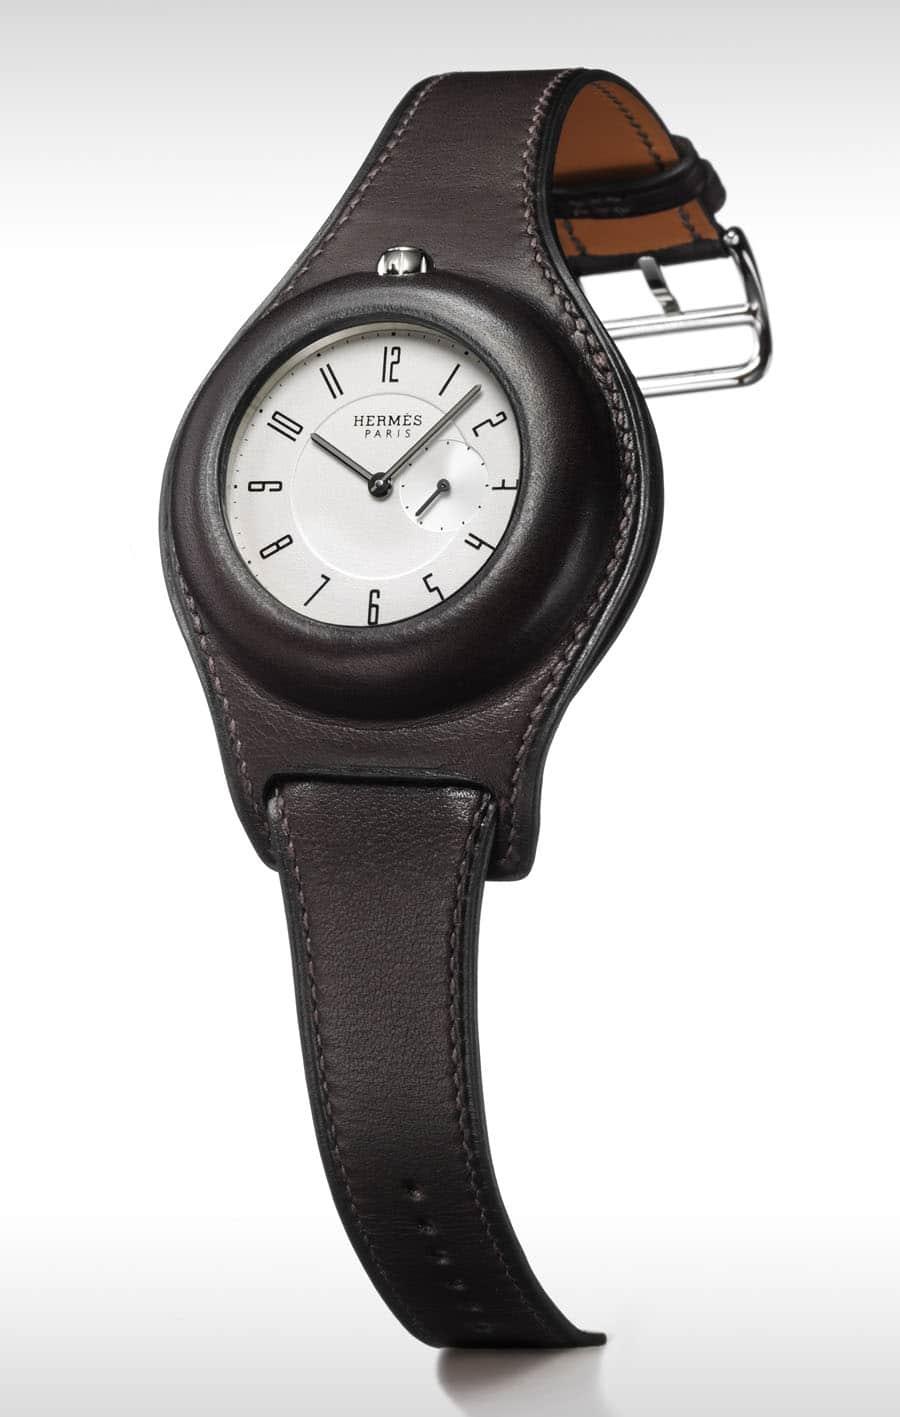 Hermès lässt eine Armbanduhr aus dem Jahr 1912 wieder aufleben